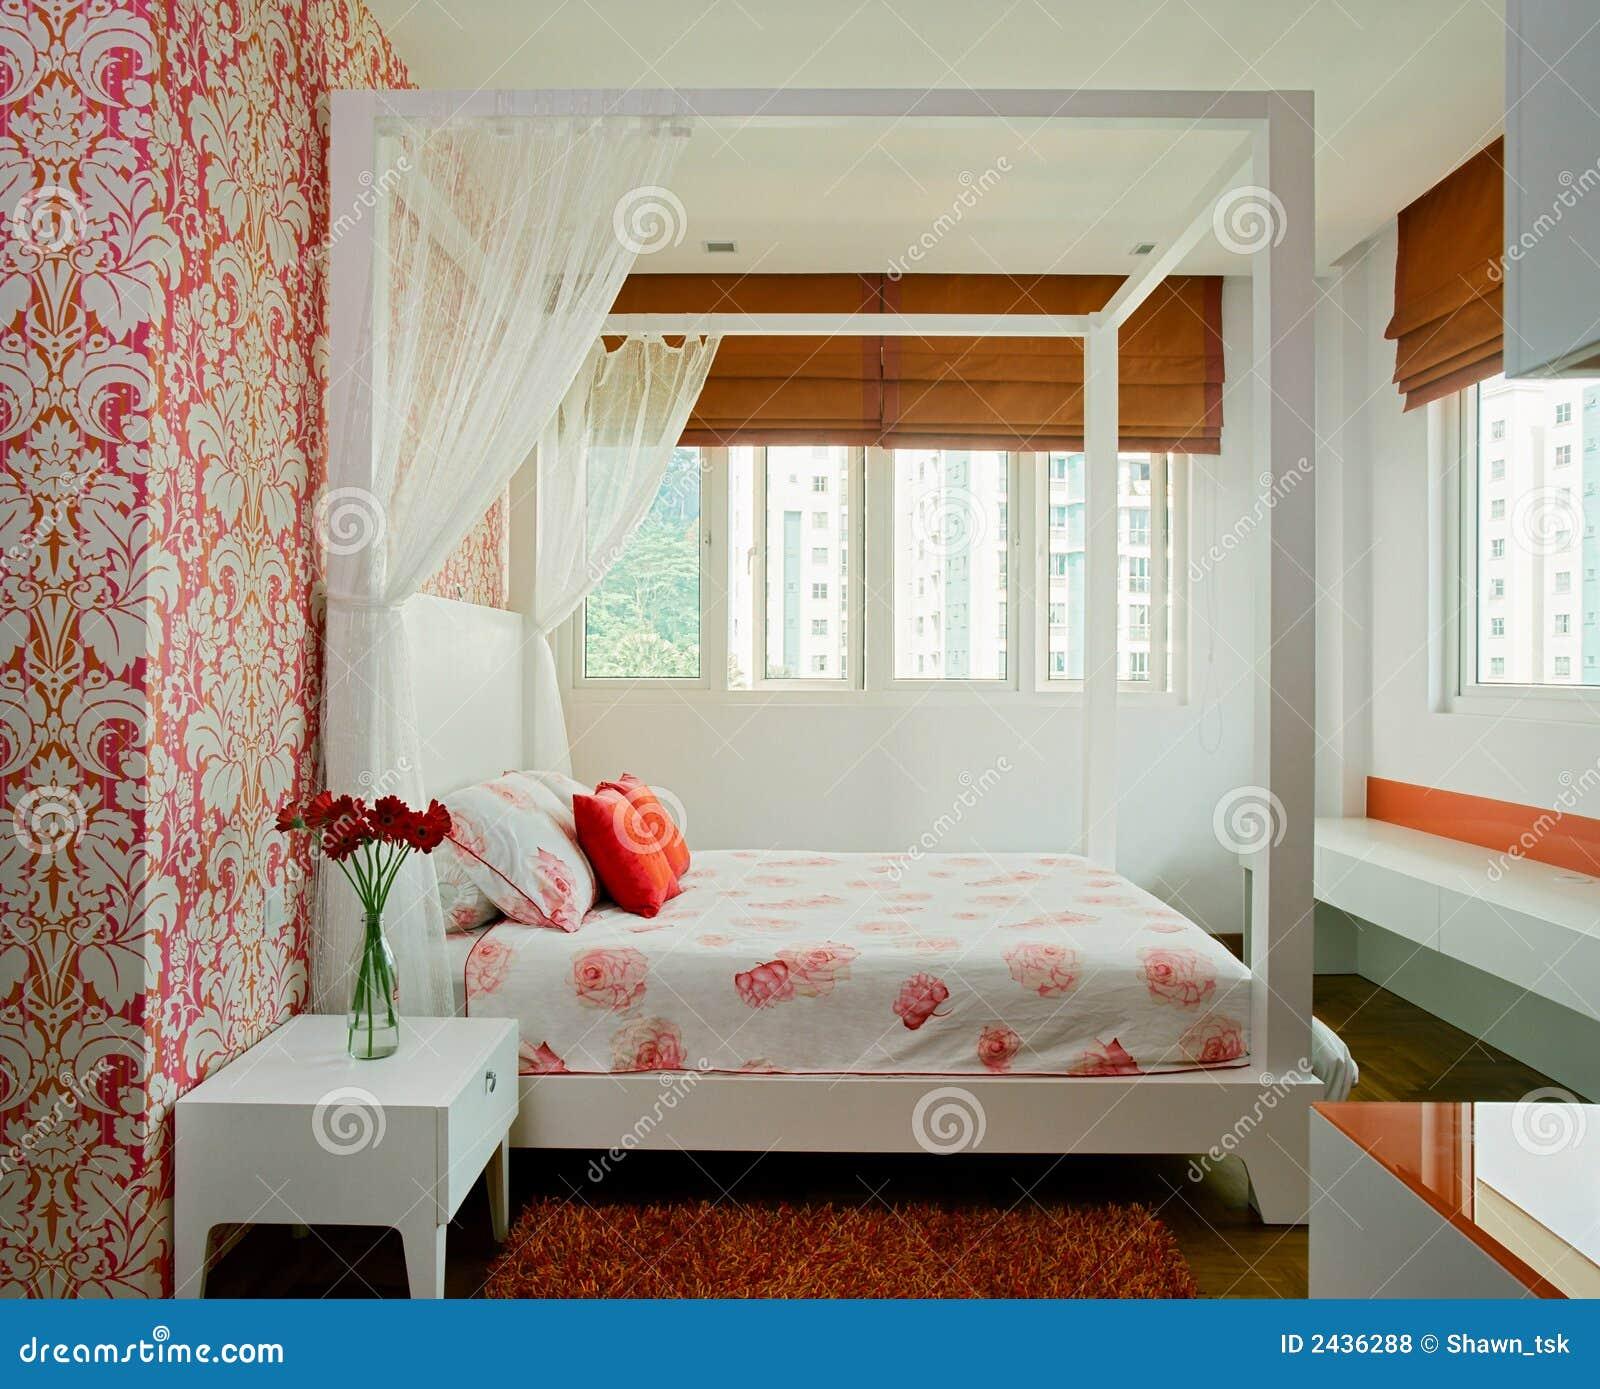 disegno interno - camera da letto fotografie stock libere da ... - Interni Ragazze Camera Design